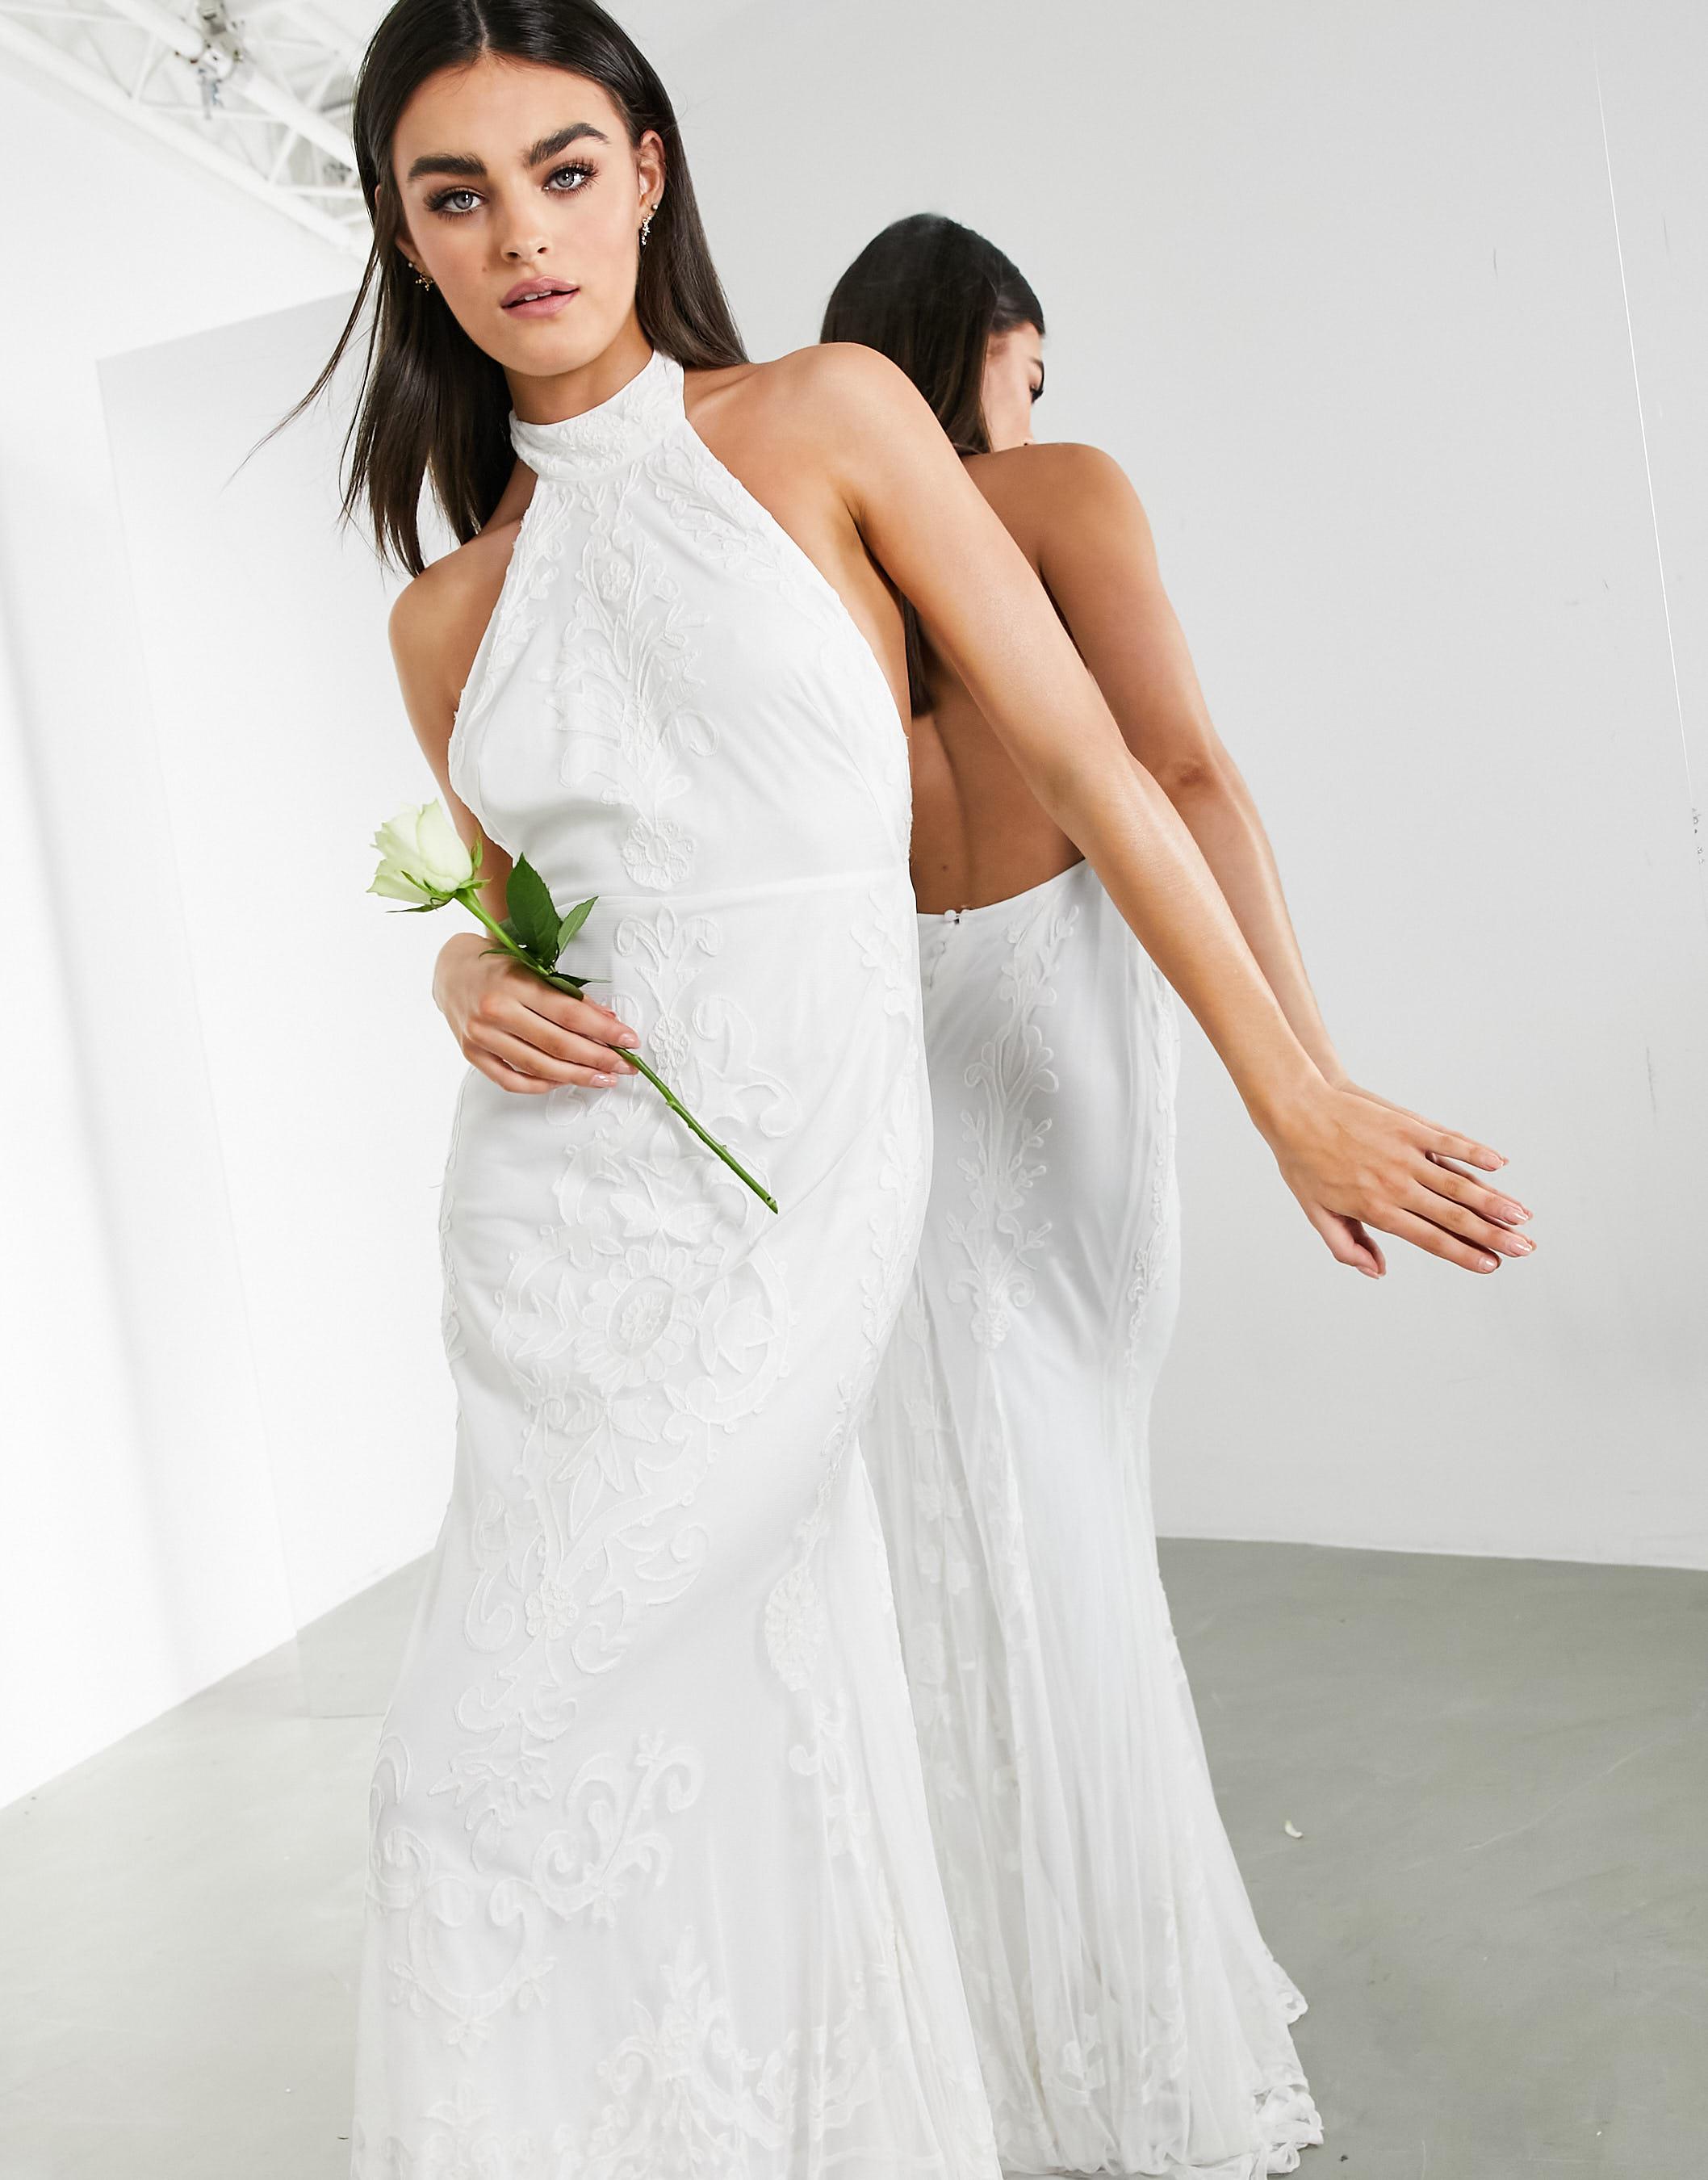 Vestido de boda con cola, cuello halter y bordado